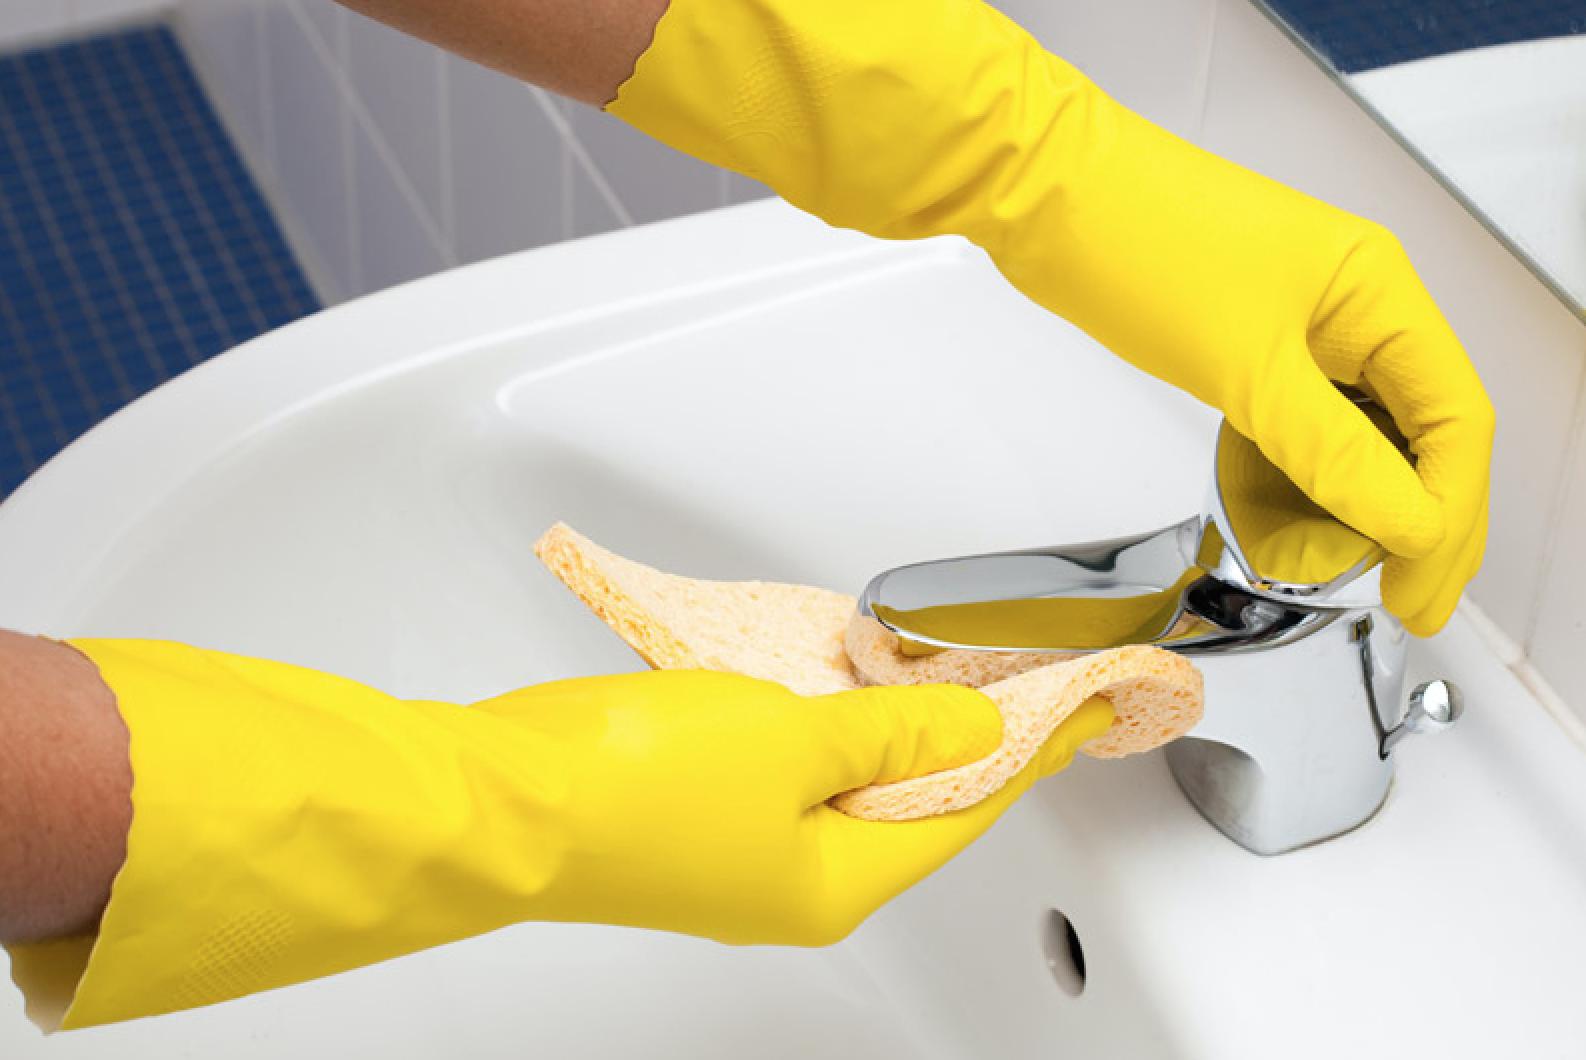 geniale schoonmaak tips voor de badkamer  Damespraatjes